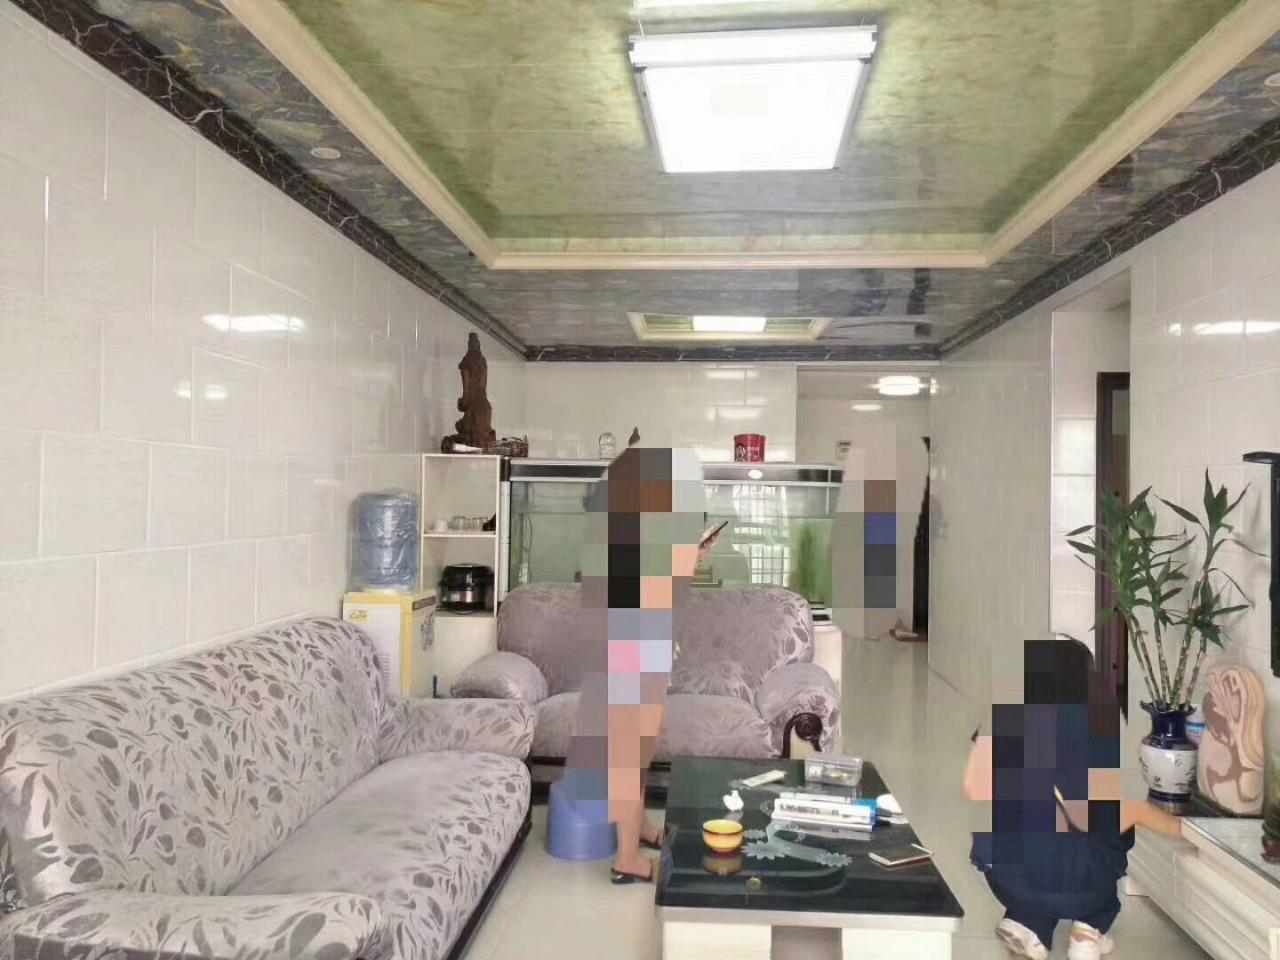 桃江御景2室 2厅 1卫68万元